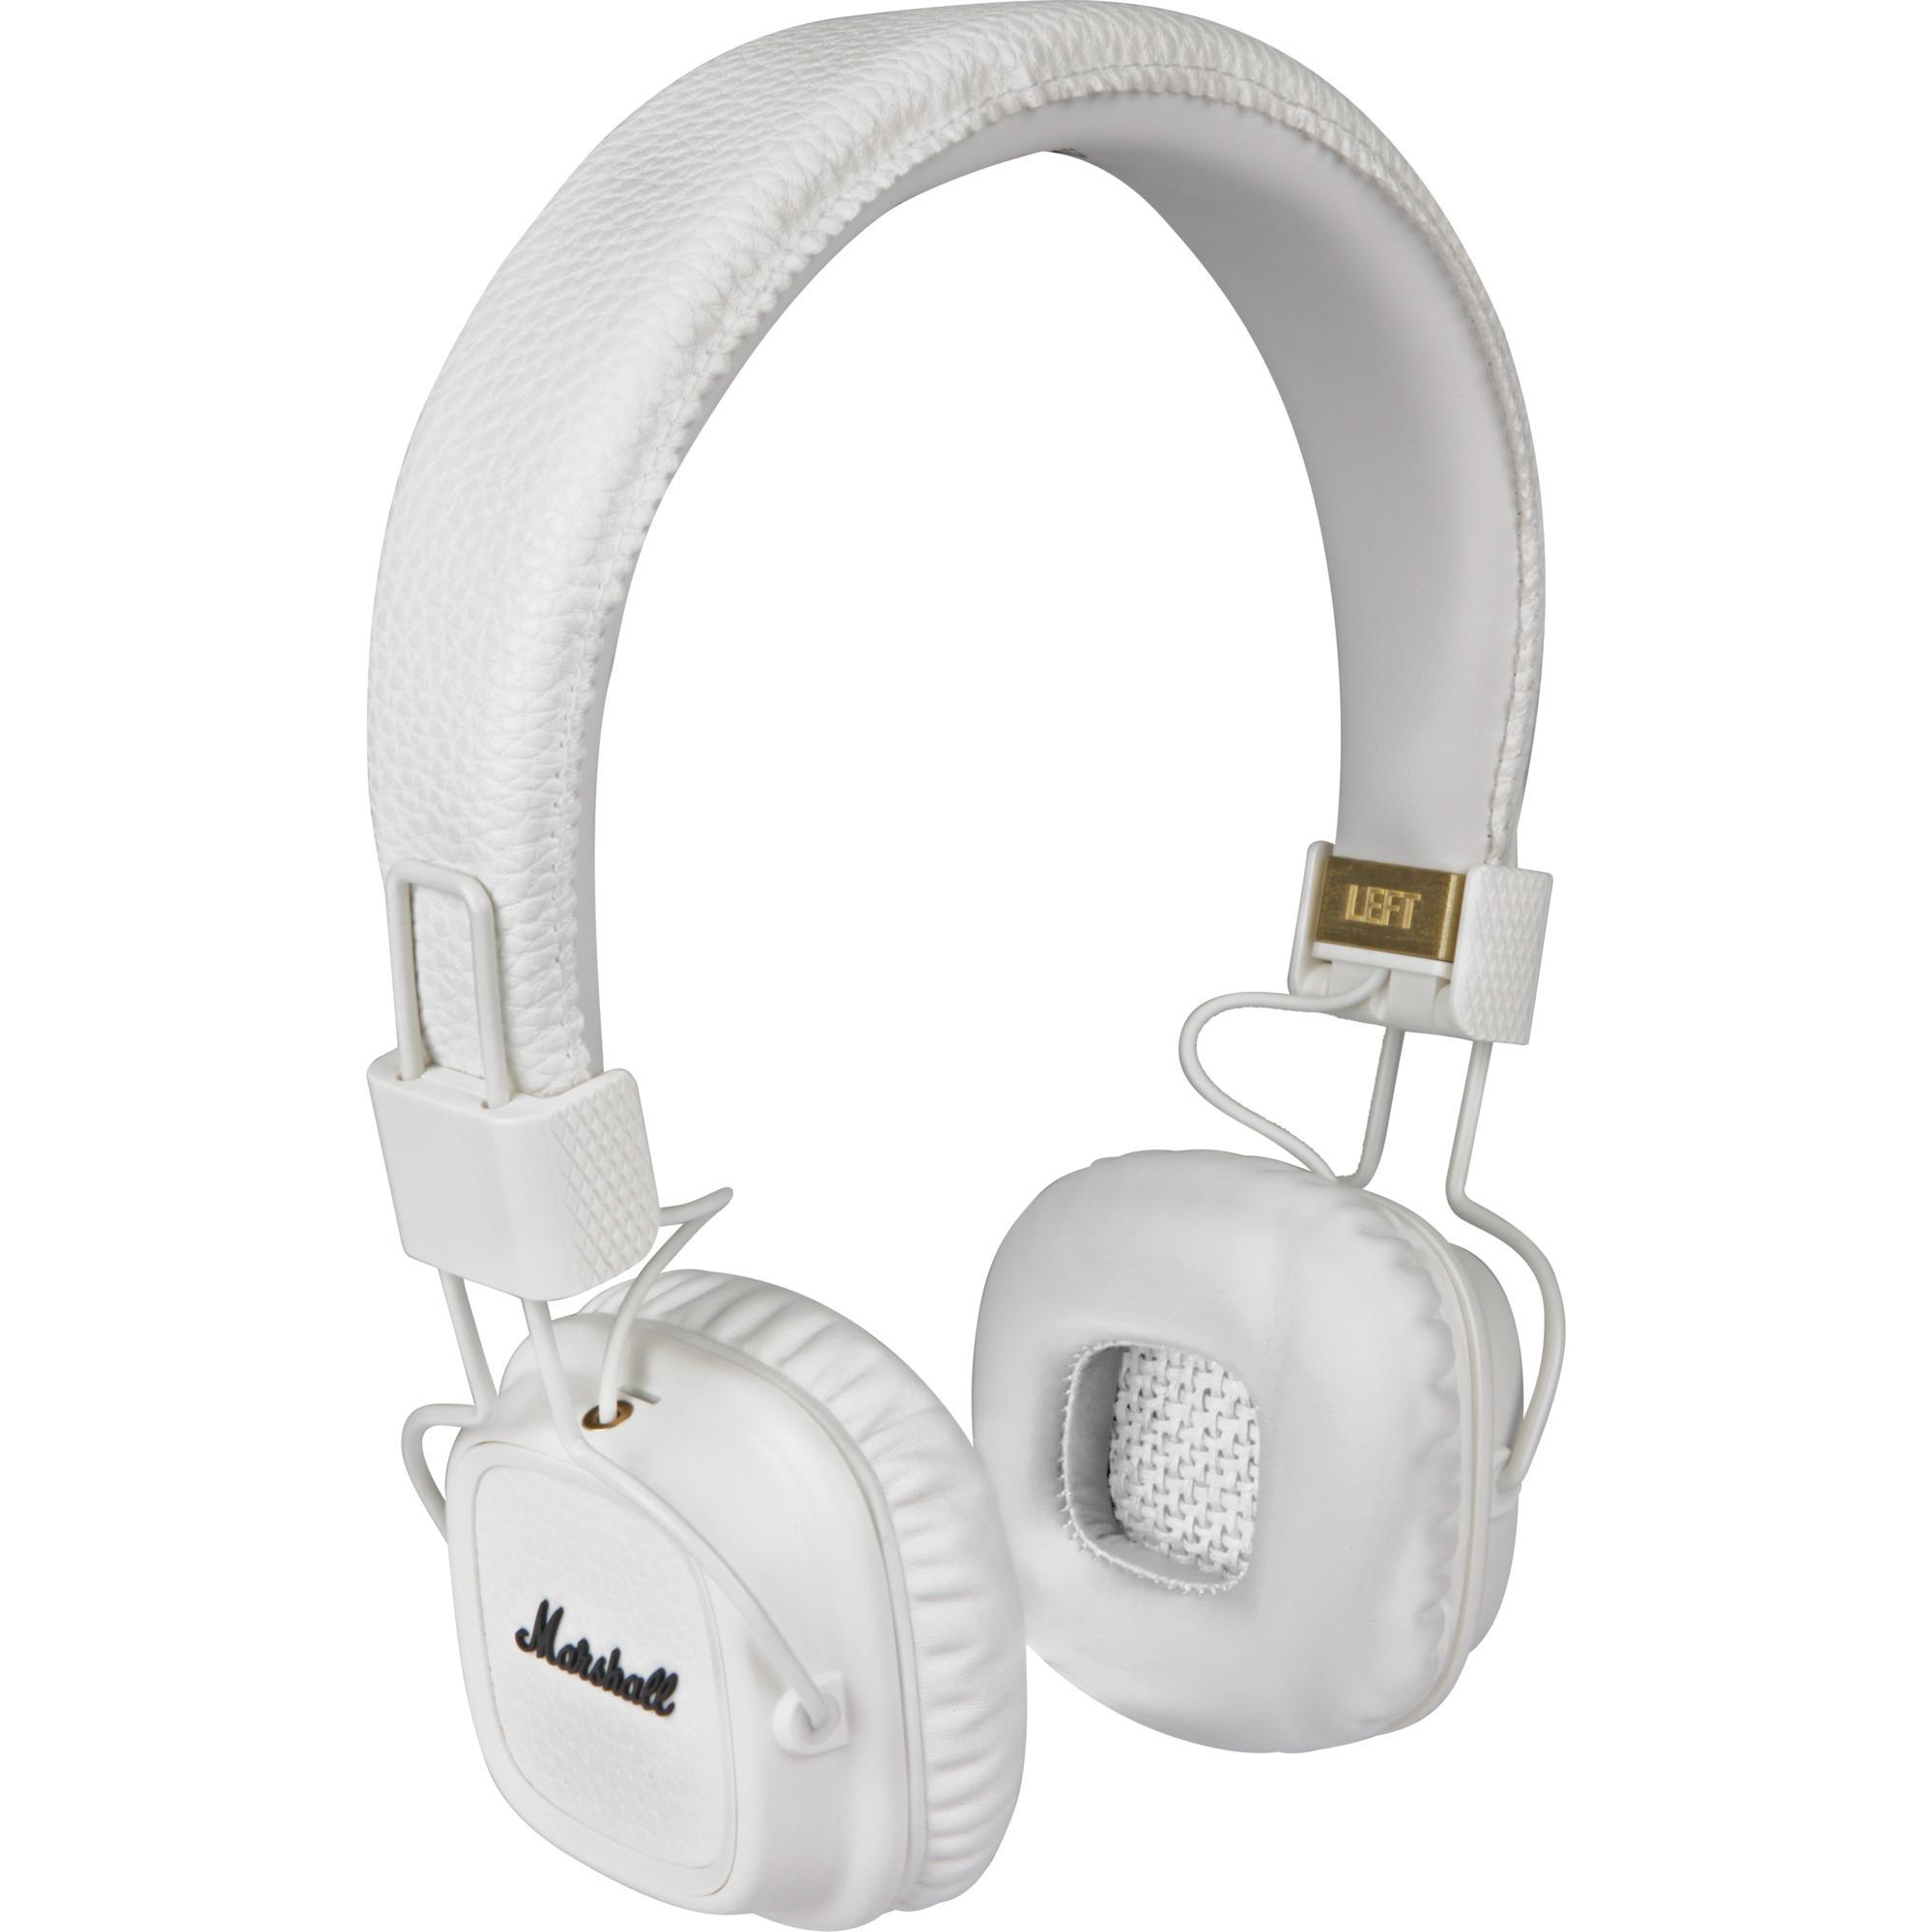 Major II Blanco Supraaural Diadema auricular, Auriculares con micrófono